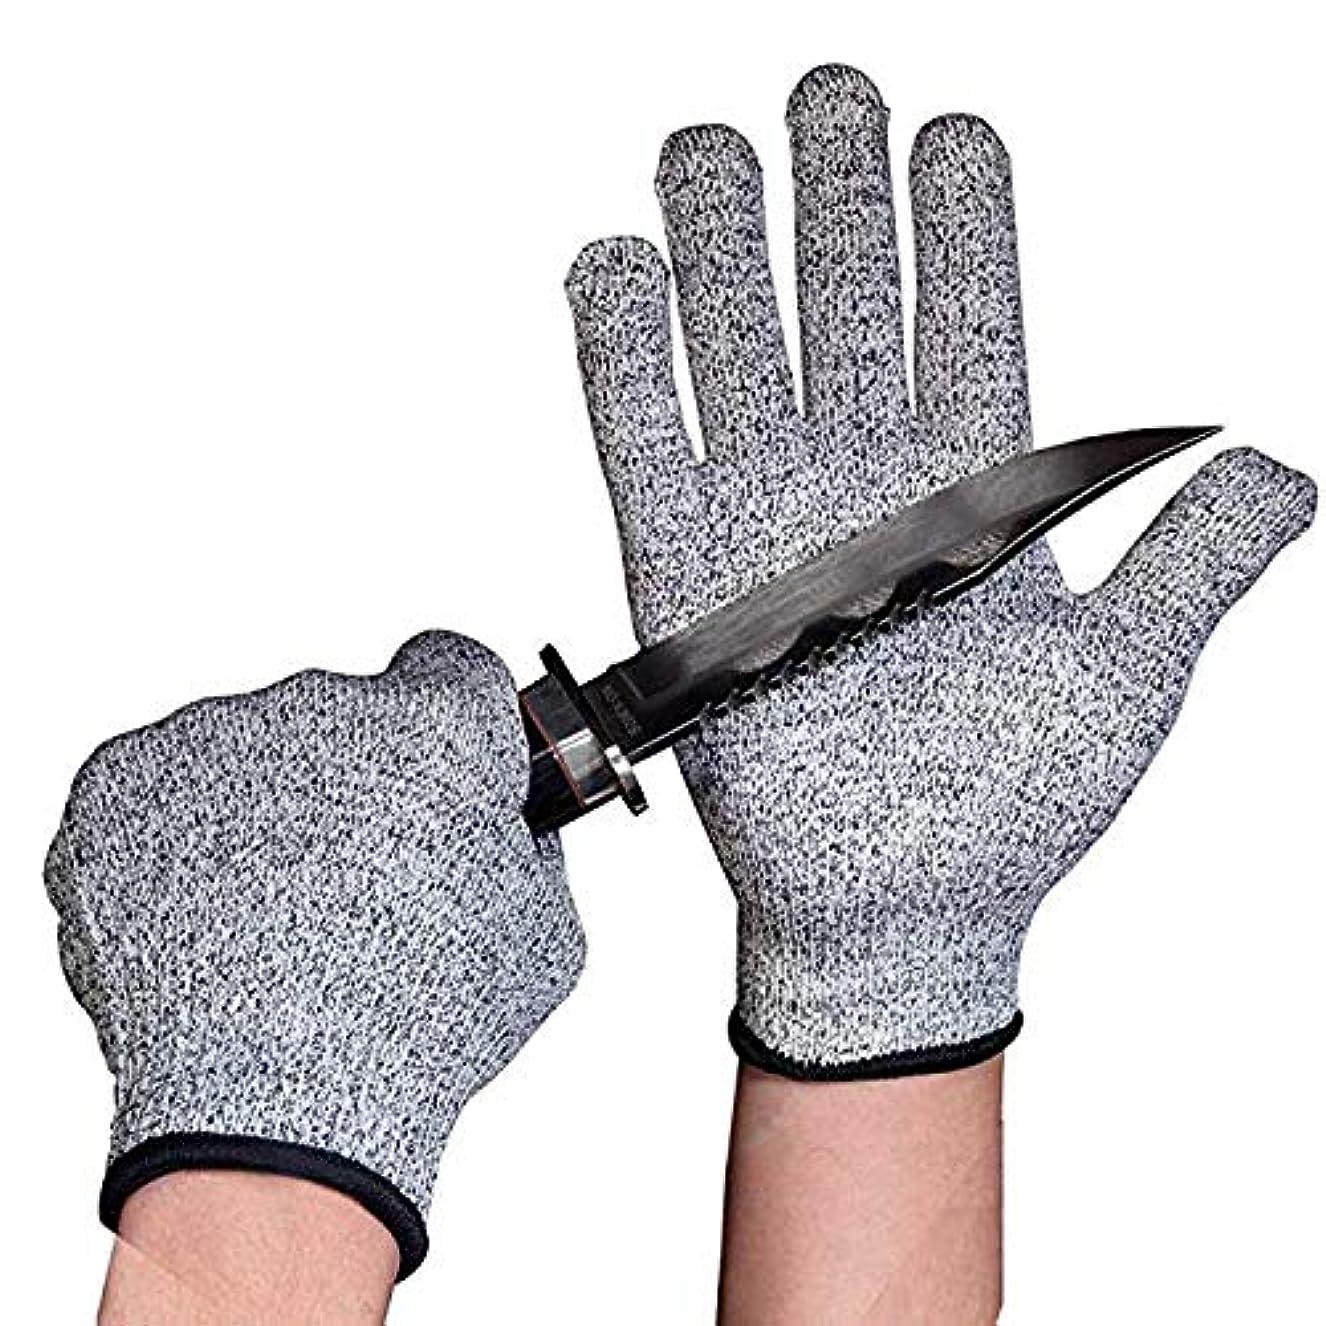 慎重達成更新するキッチン、切断、庭やマンドリンスライスのためカット耐性の手袋食品グレードレベル5の保護安全ワークグローブ,L